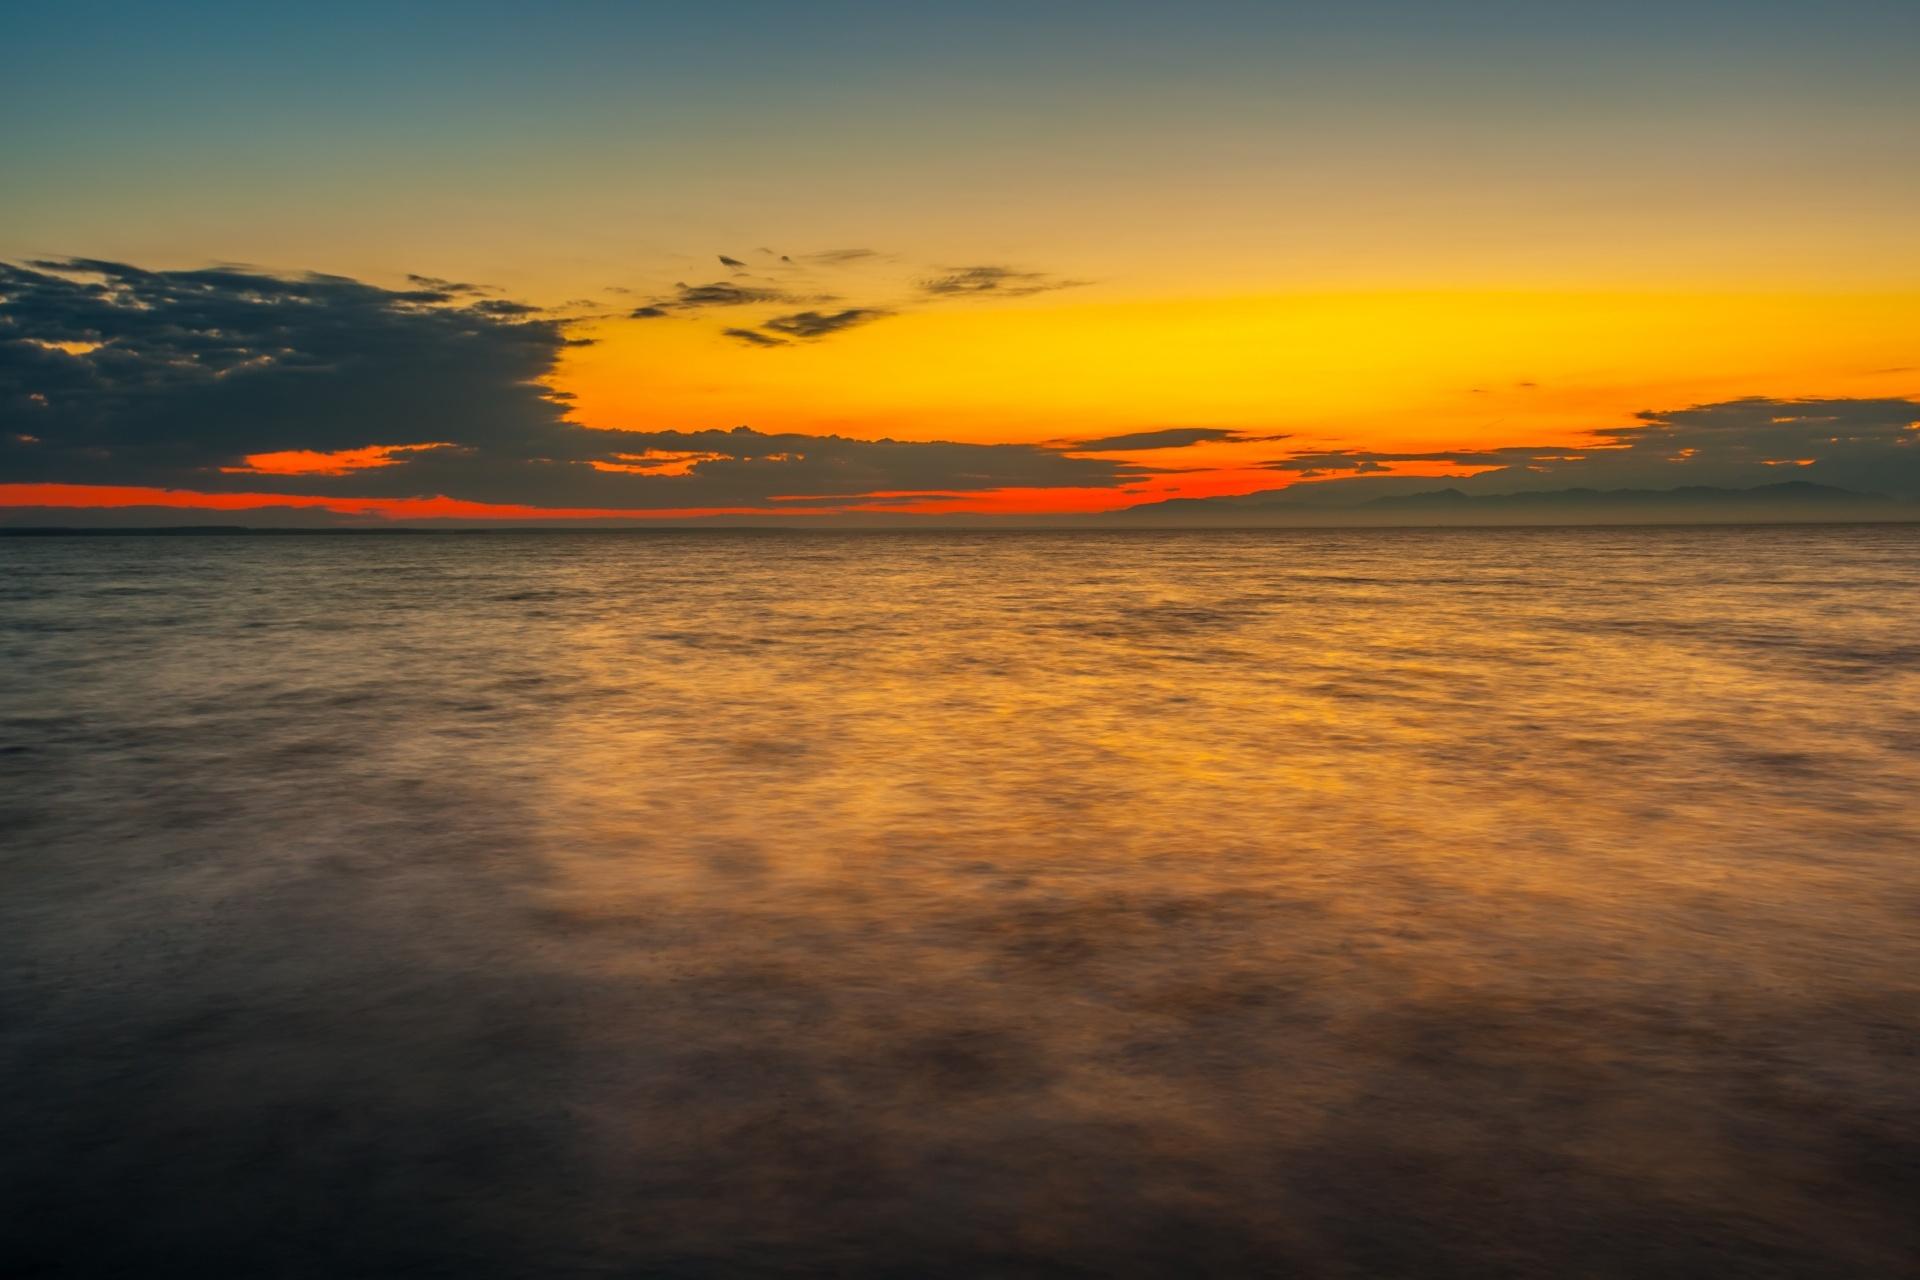 パリアストミ湖の朝 ジョージアの風景